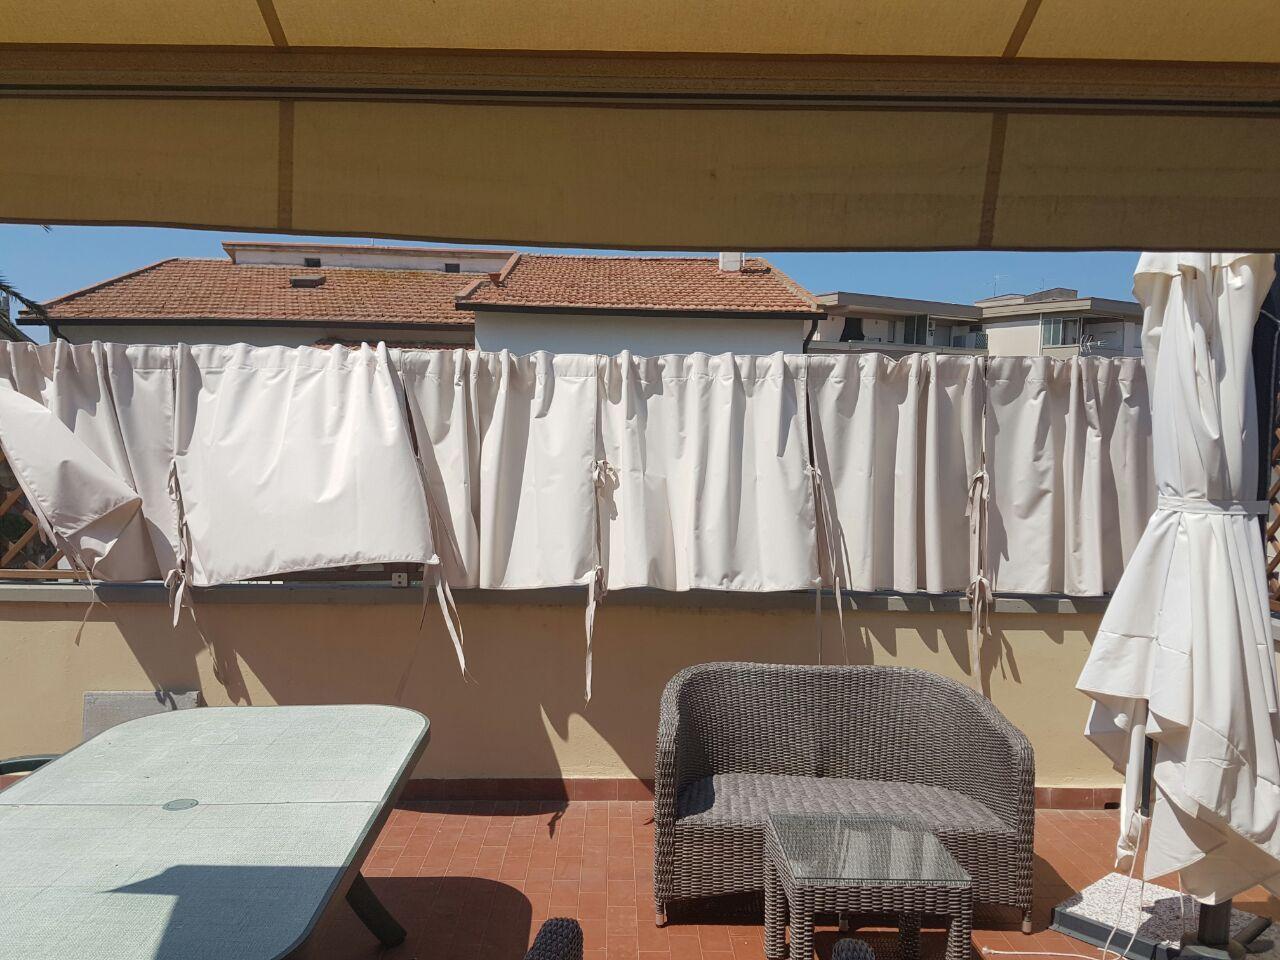 terrazza arredata con tenda a bracci e tende in tessuto acrilico ...